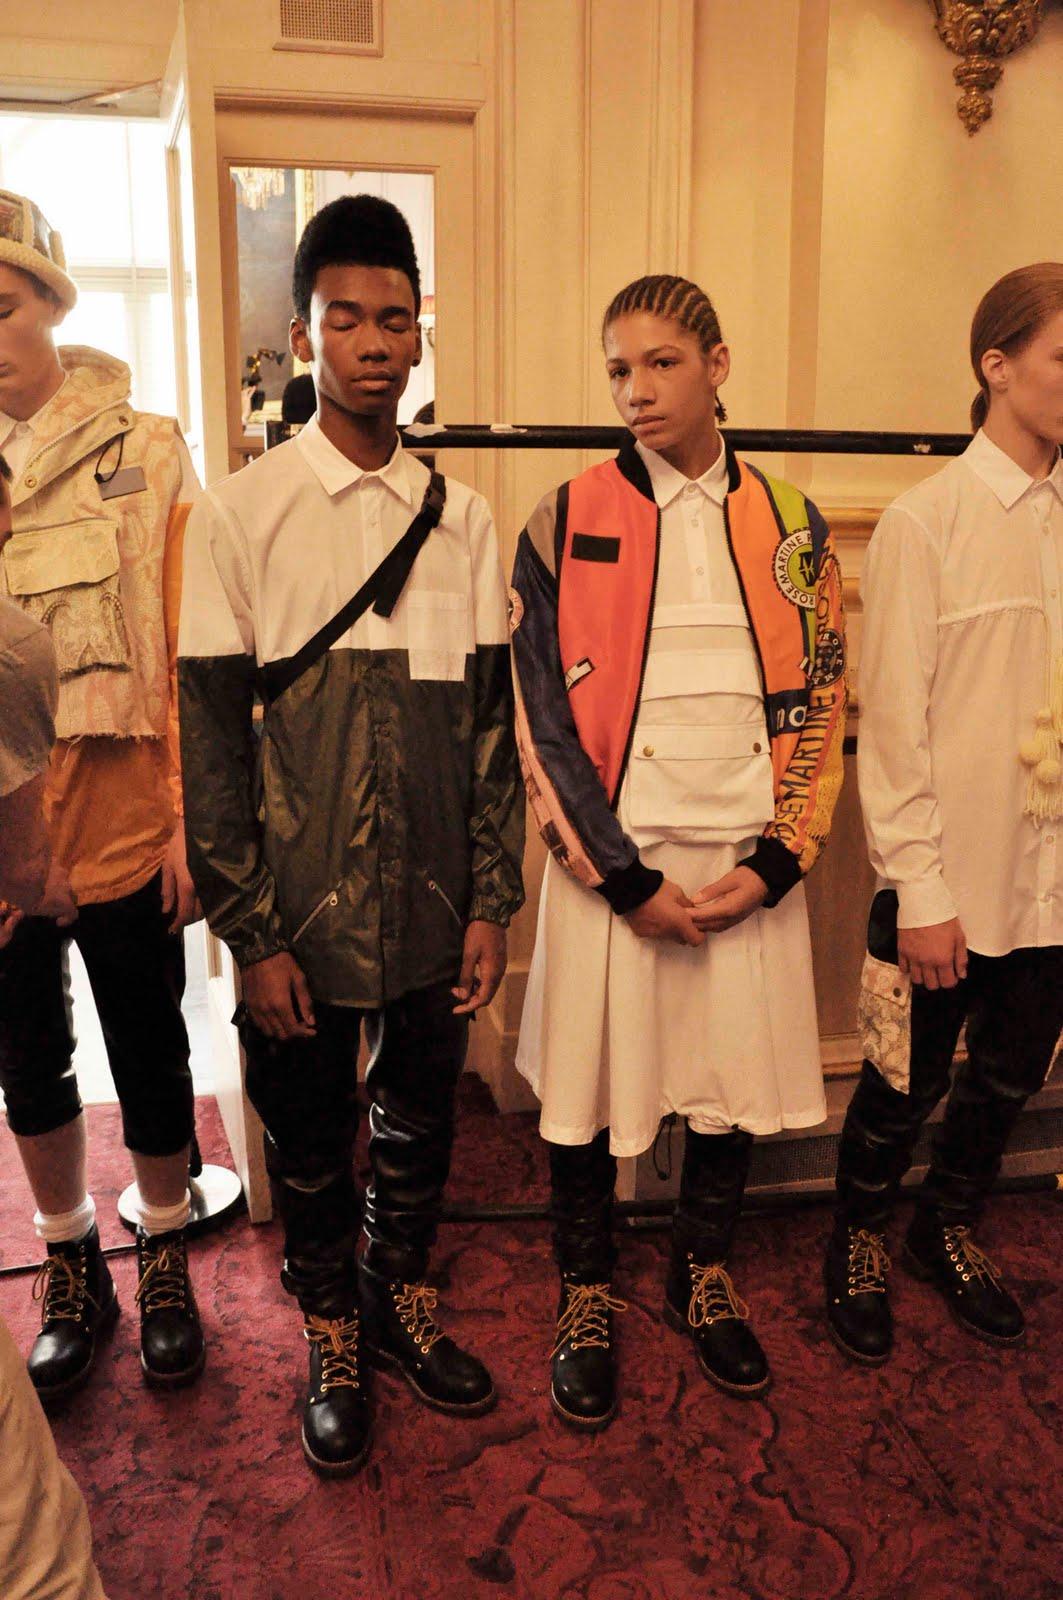 90s punk fashion guy wwwimgkidcom the image kid has it